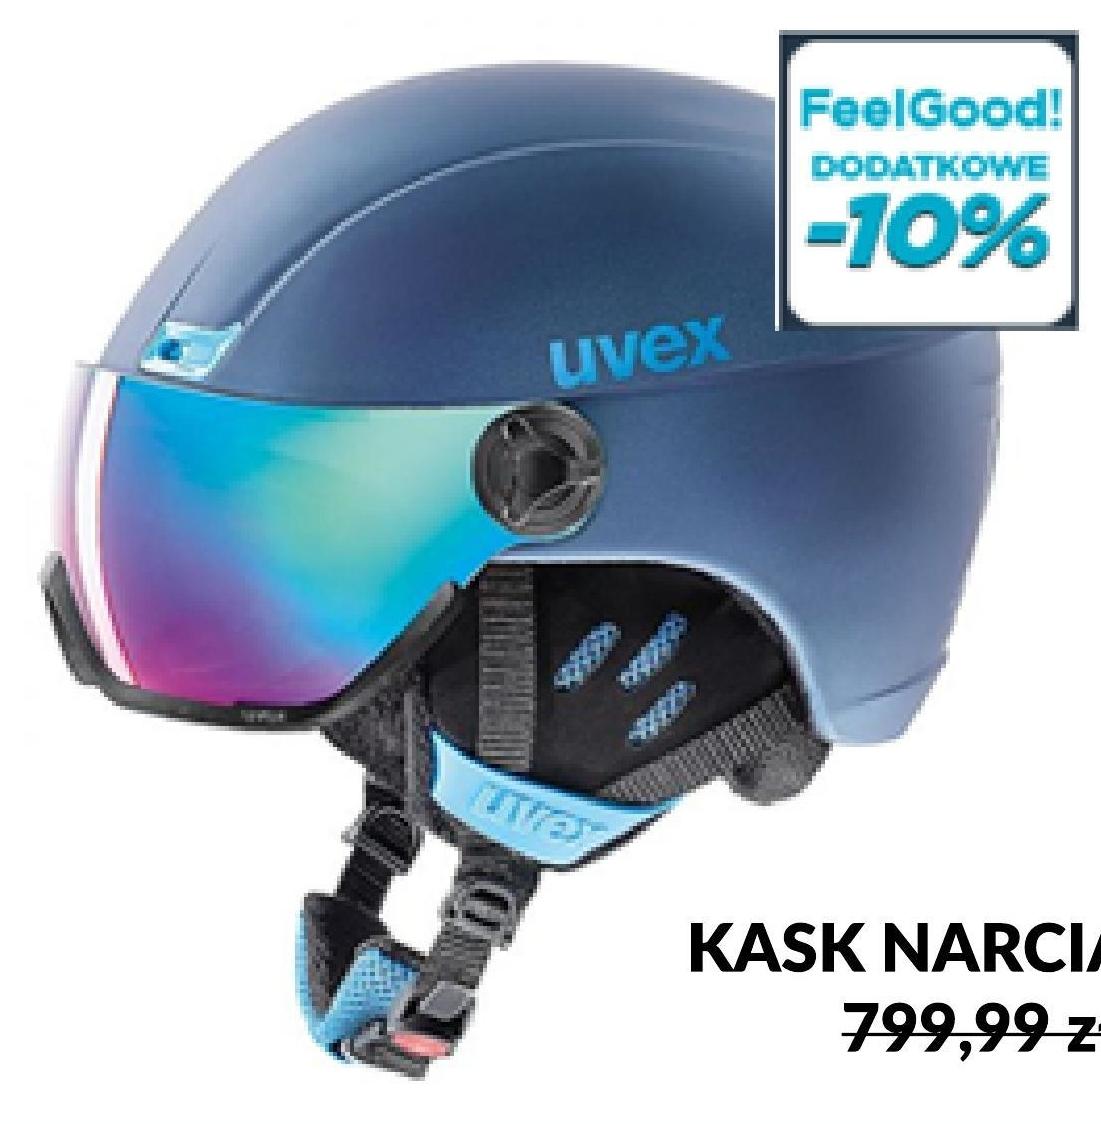 Kask narciarski Go Sport niska cena